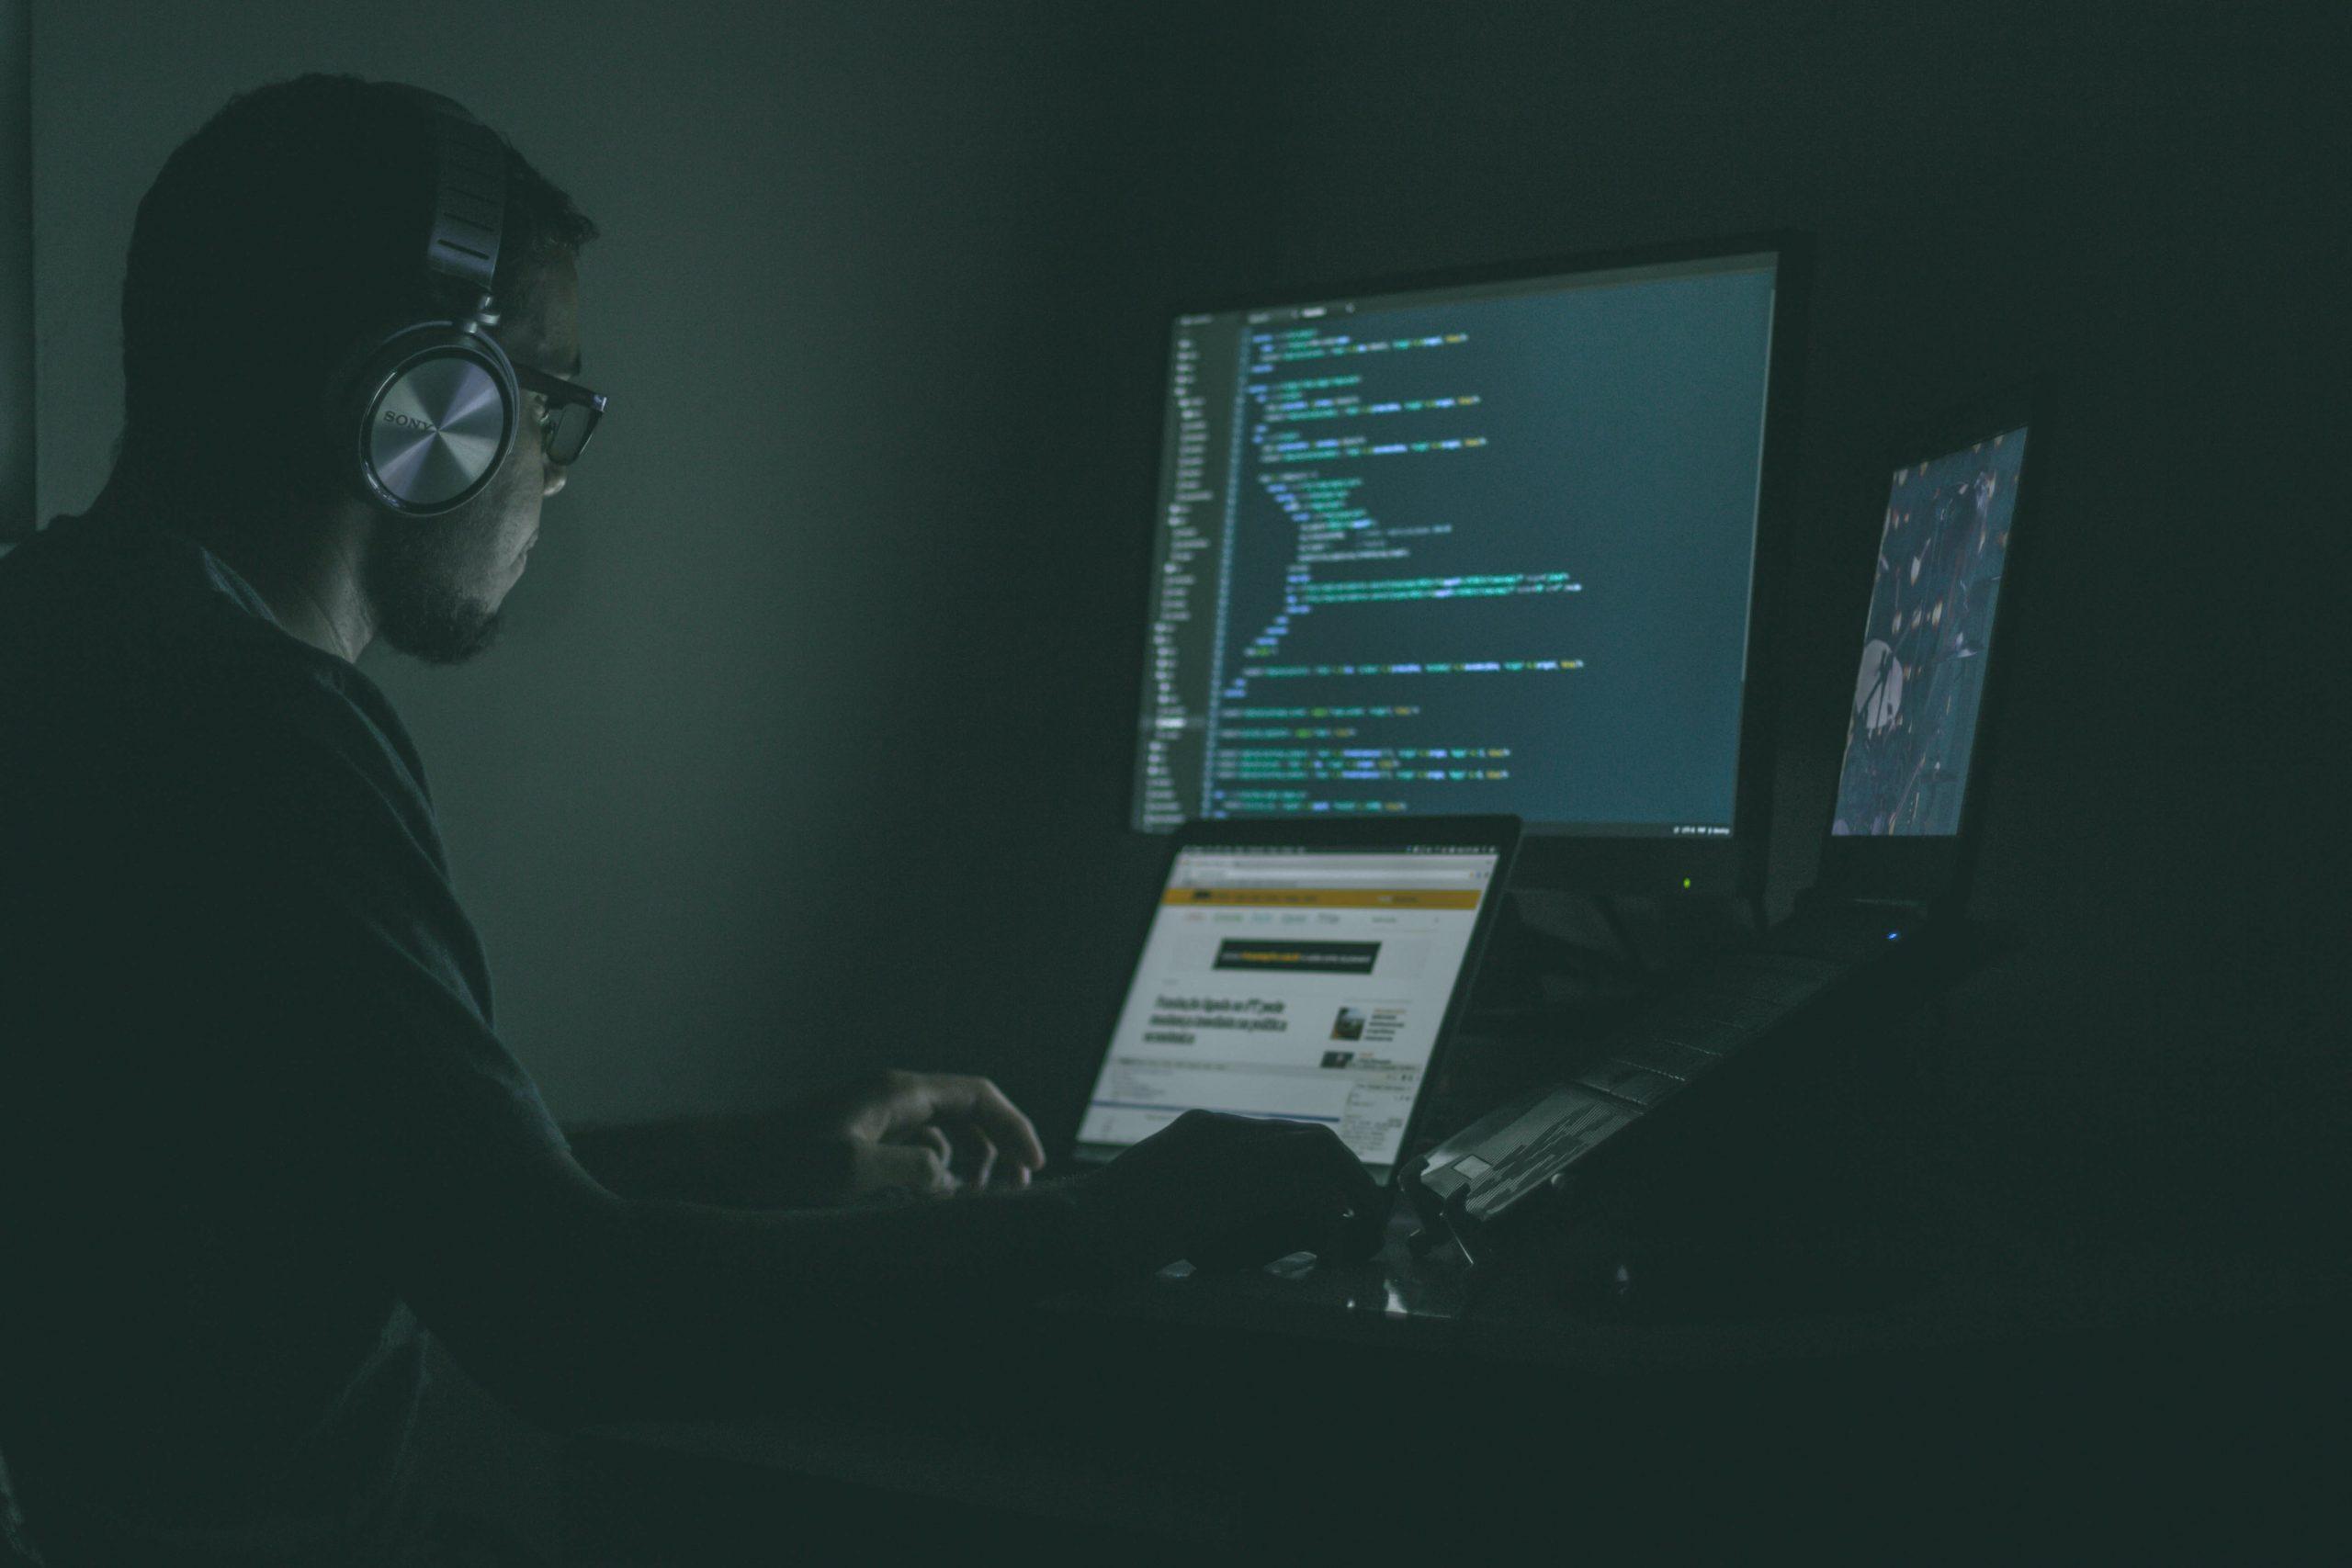 4iQ cierra una ronda de financiación de 12 millones de euros liderada por Trident Capital Cybersecurity